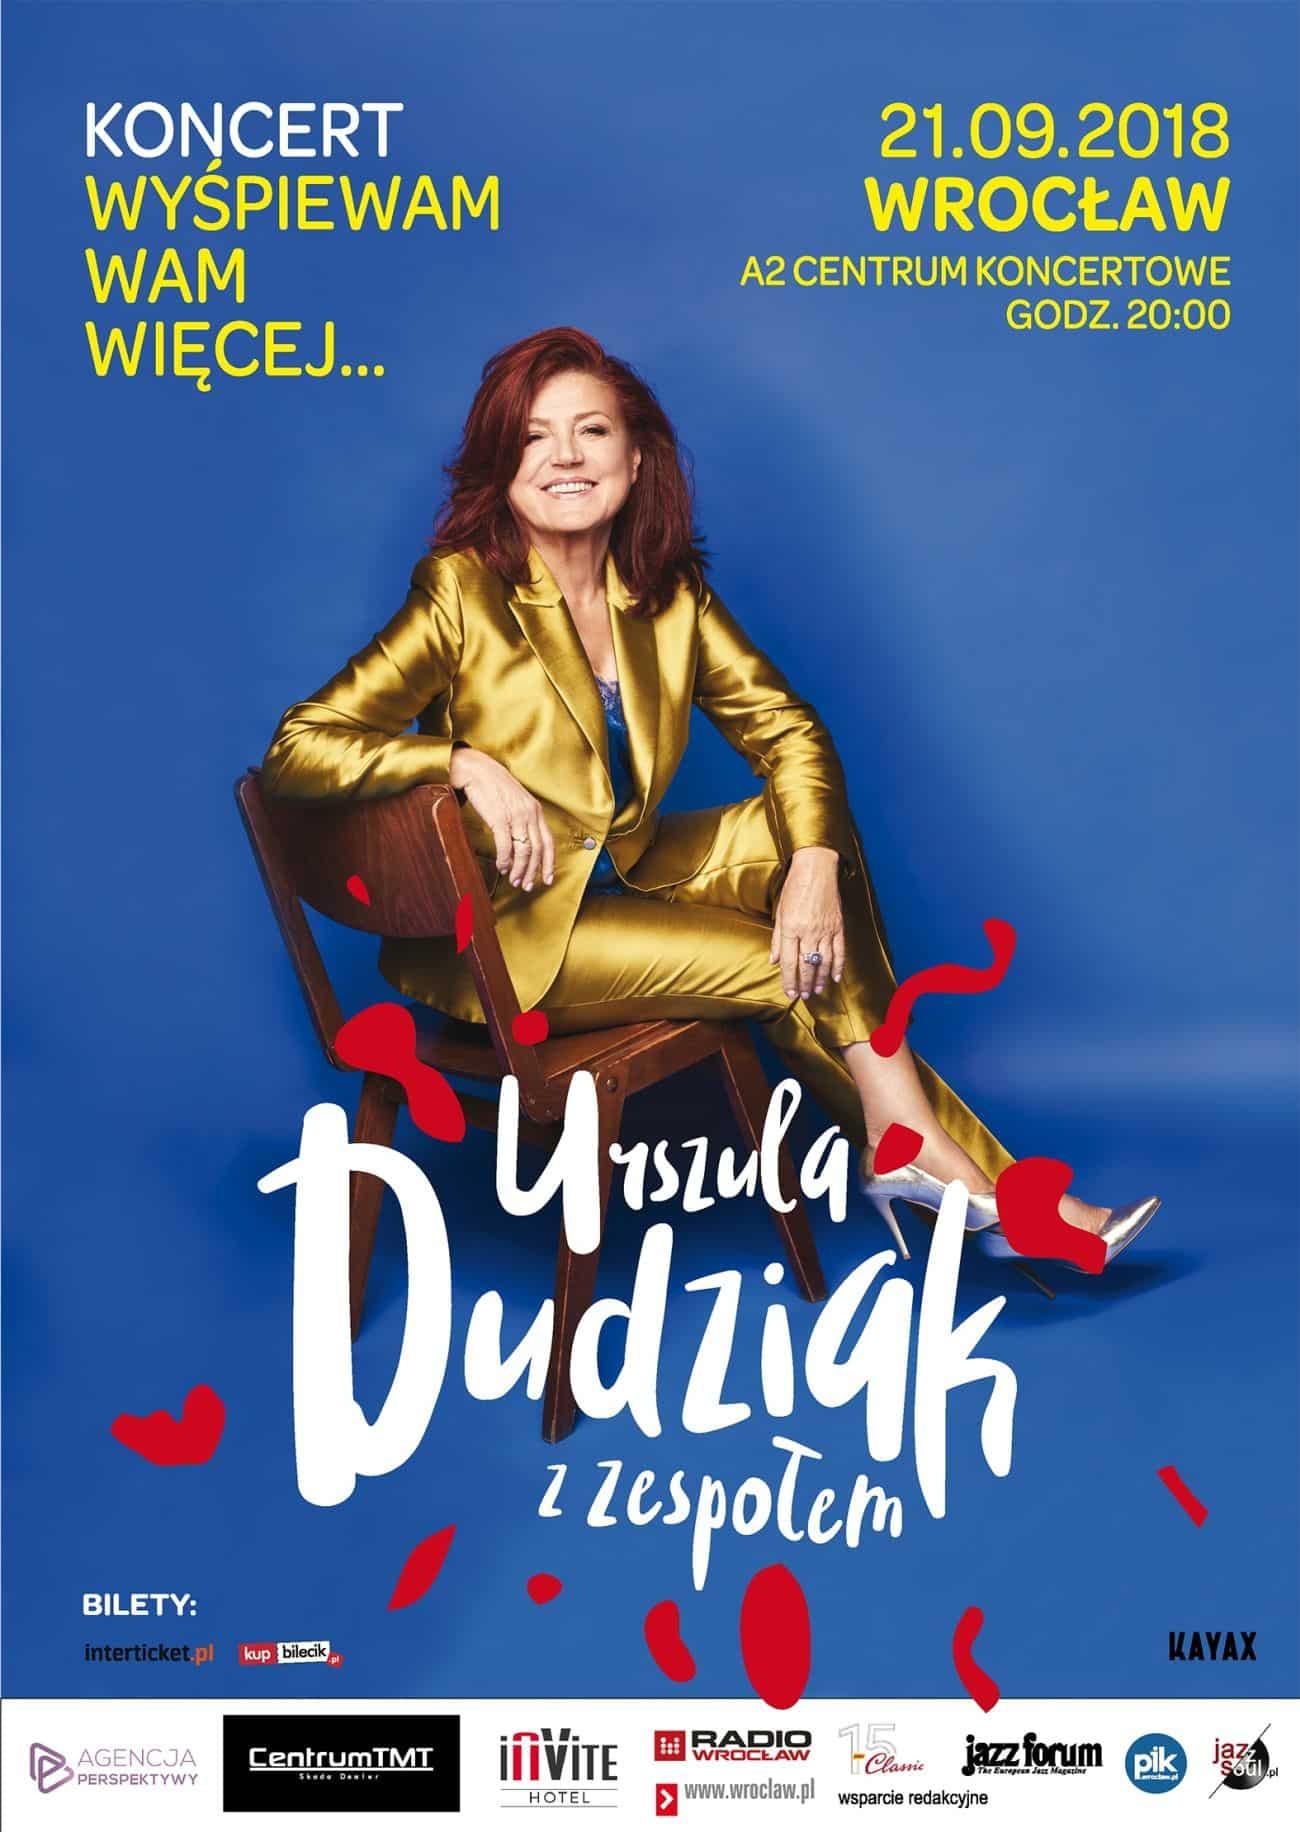 Urszula Dudziak – koncert we Wrocławiu